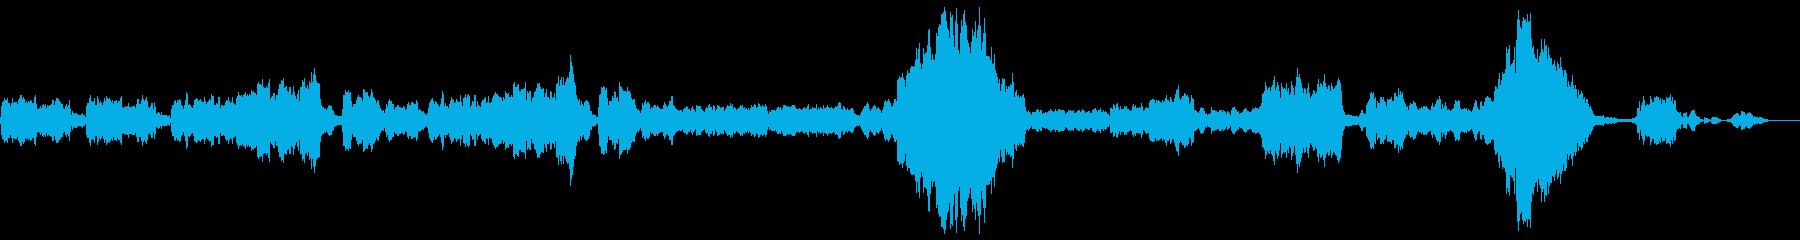 「クープランの墓」から 『メヌエット』 の再生済みの波形